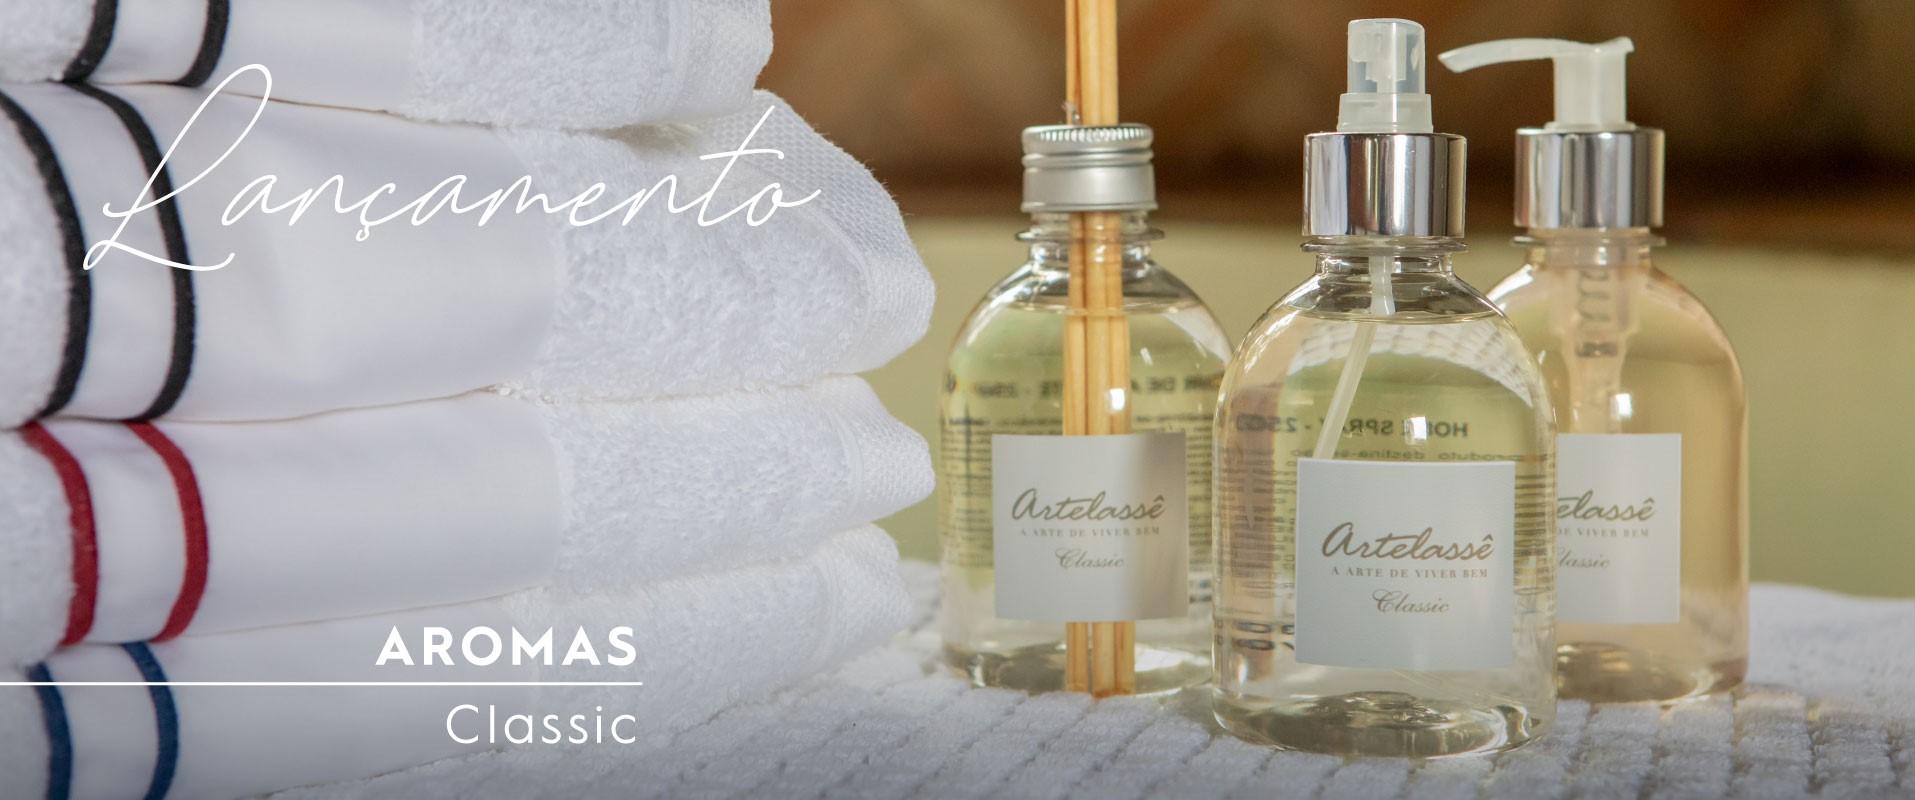 Aroma Classic